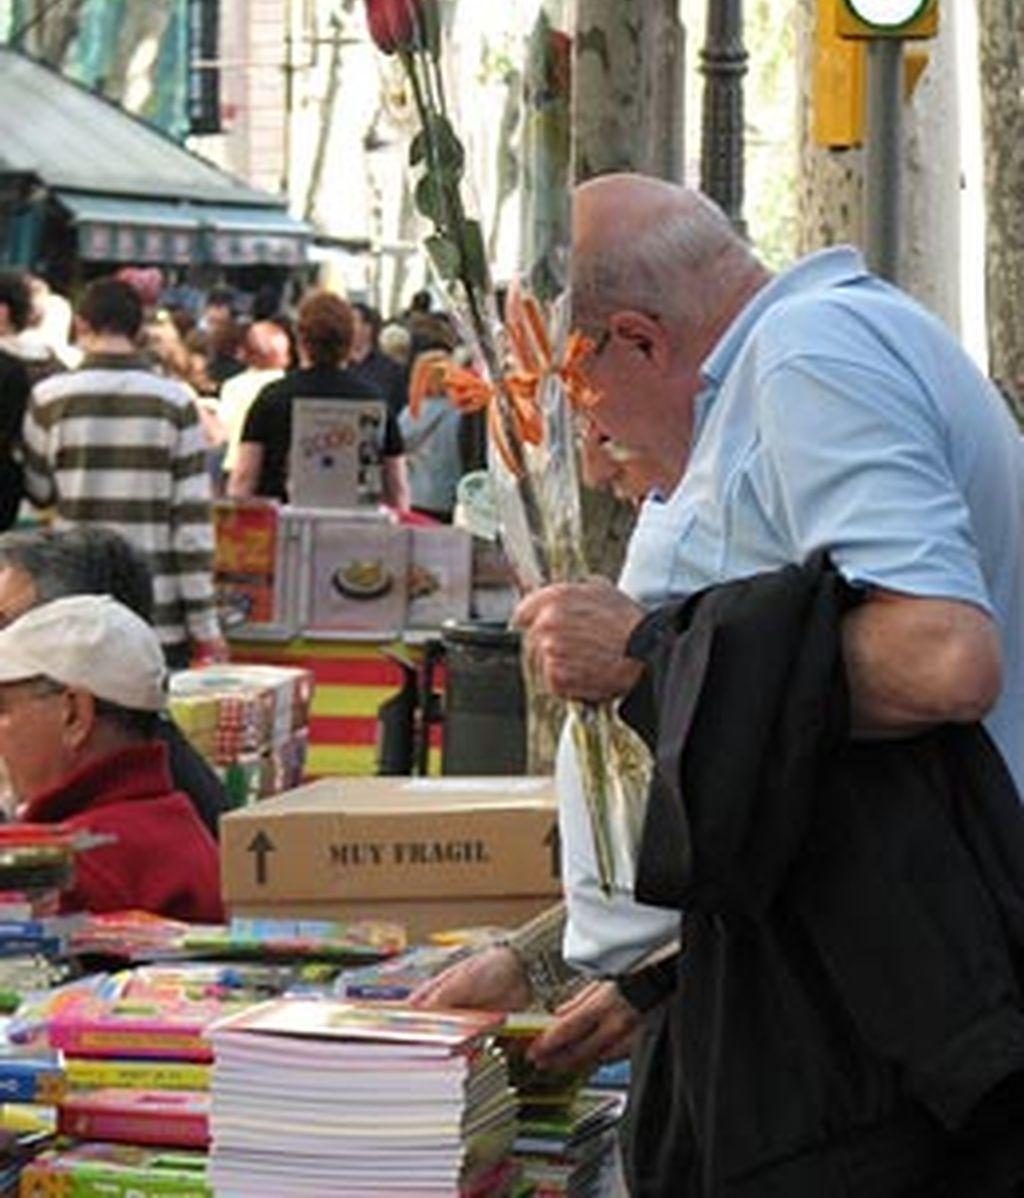 Los catalanes celebran Sant Jordi regalando un libro y una flor.